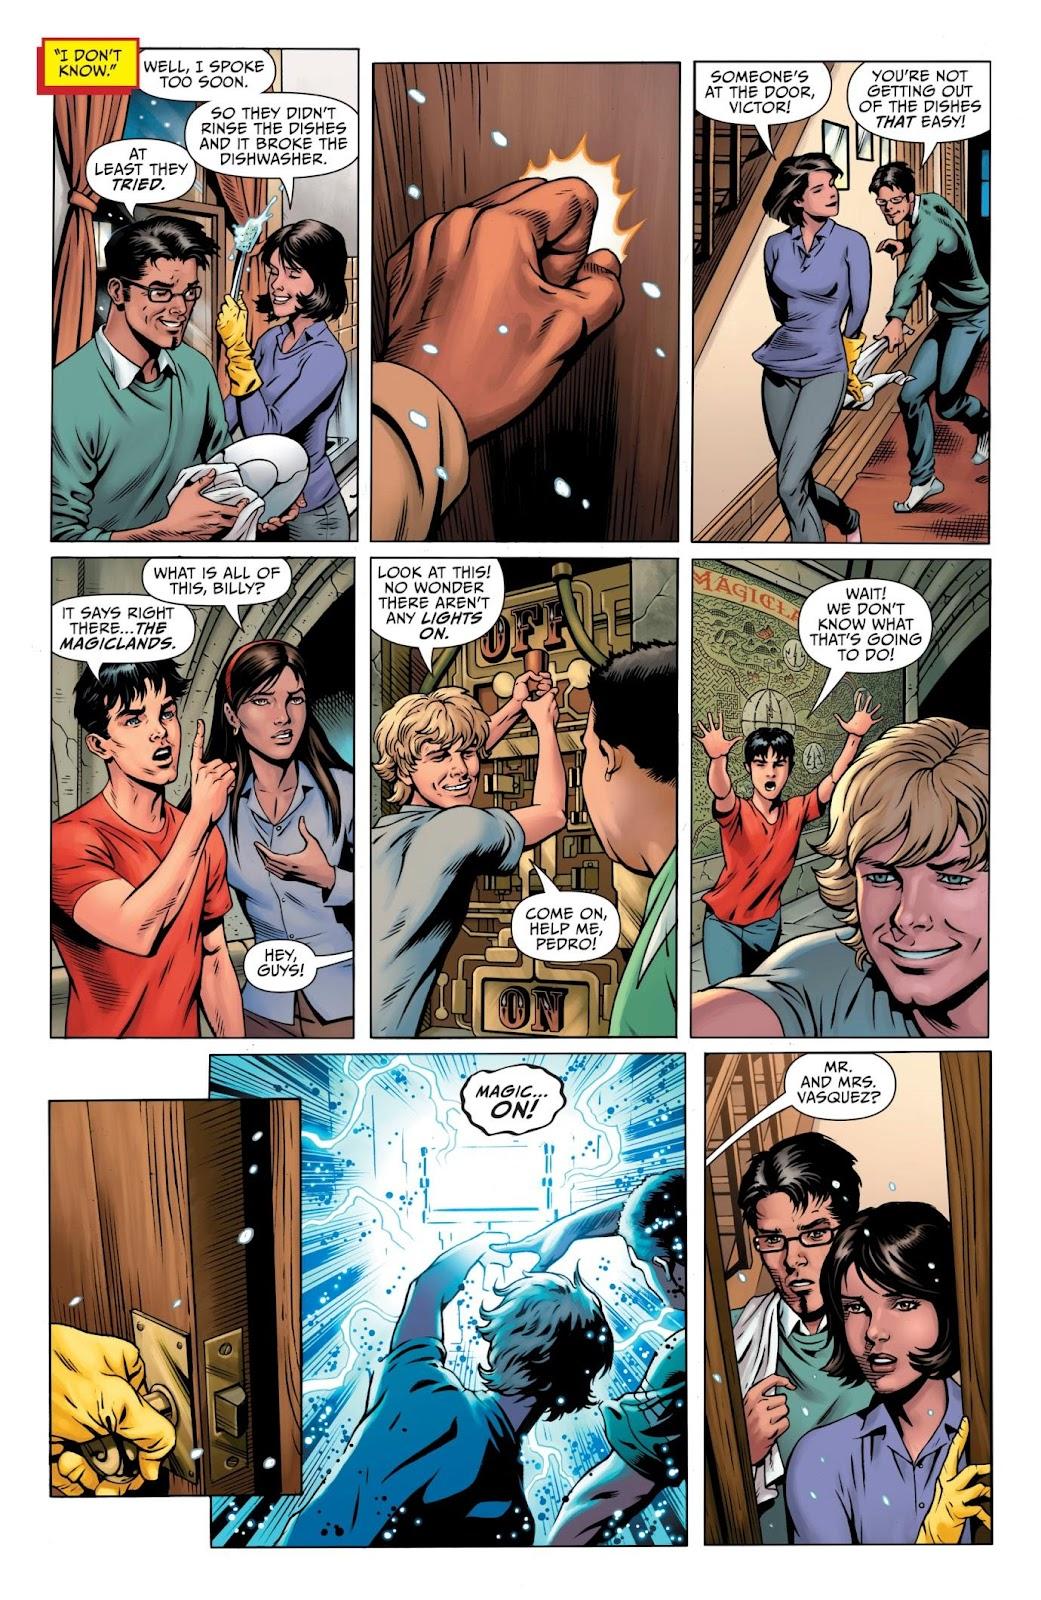 D:\Comics66\Shazam\shazam01\Shazam01pic\Shazam! (2018-) 001-019.jpg